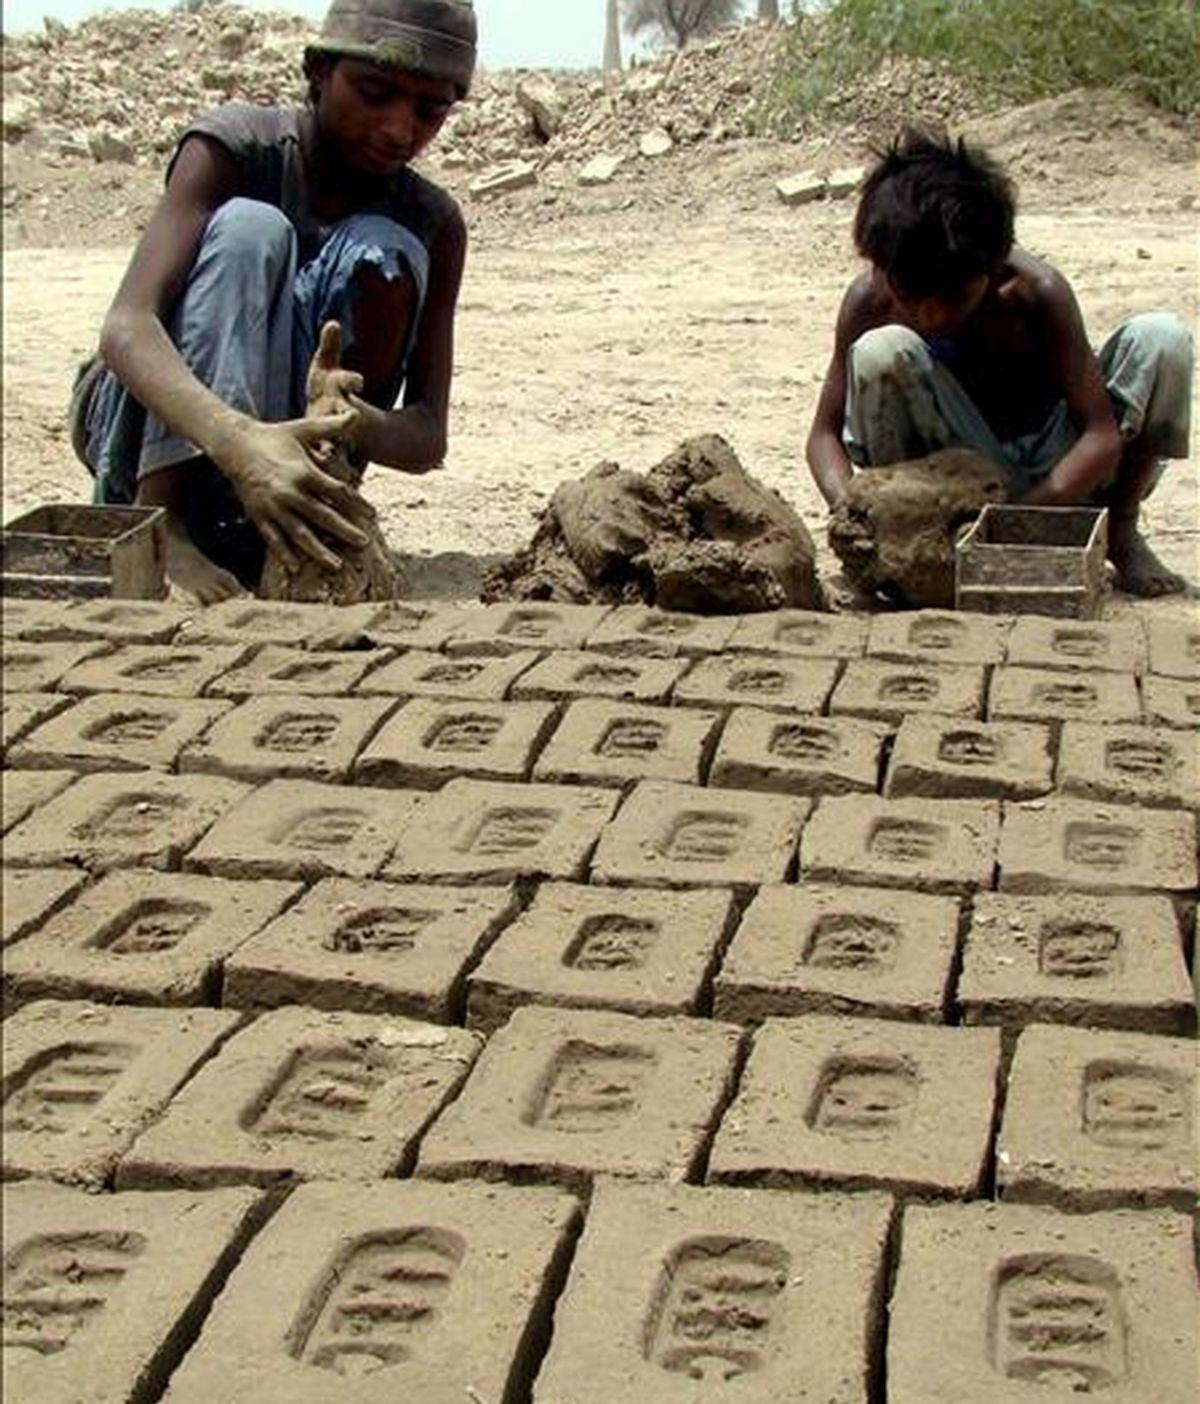 Dos niños paquistaníes trabajan en una fábrica de ladrillos a las afueras de Hyderabad, Pakistán. EFE/Archivo